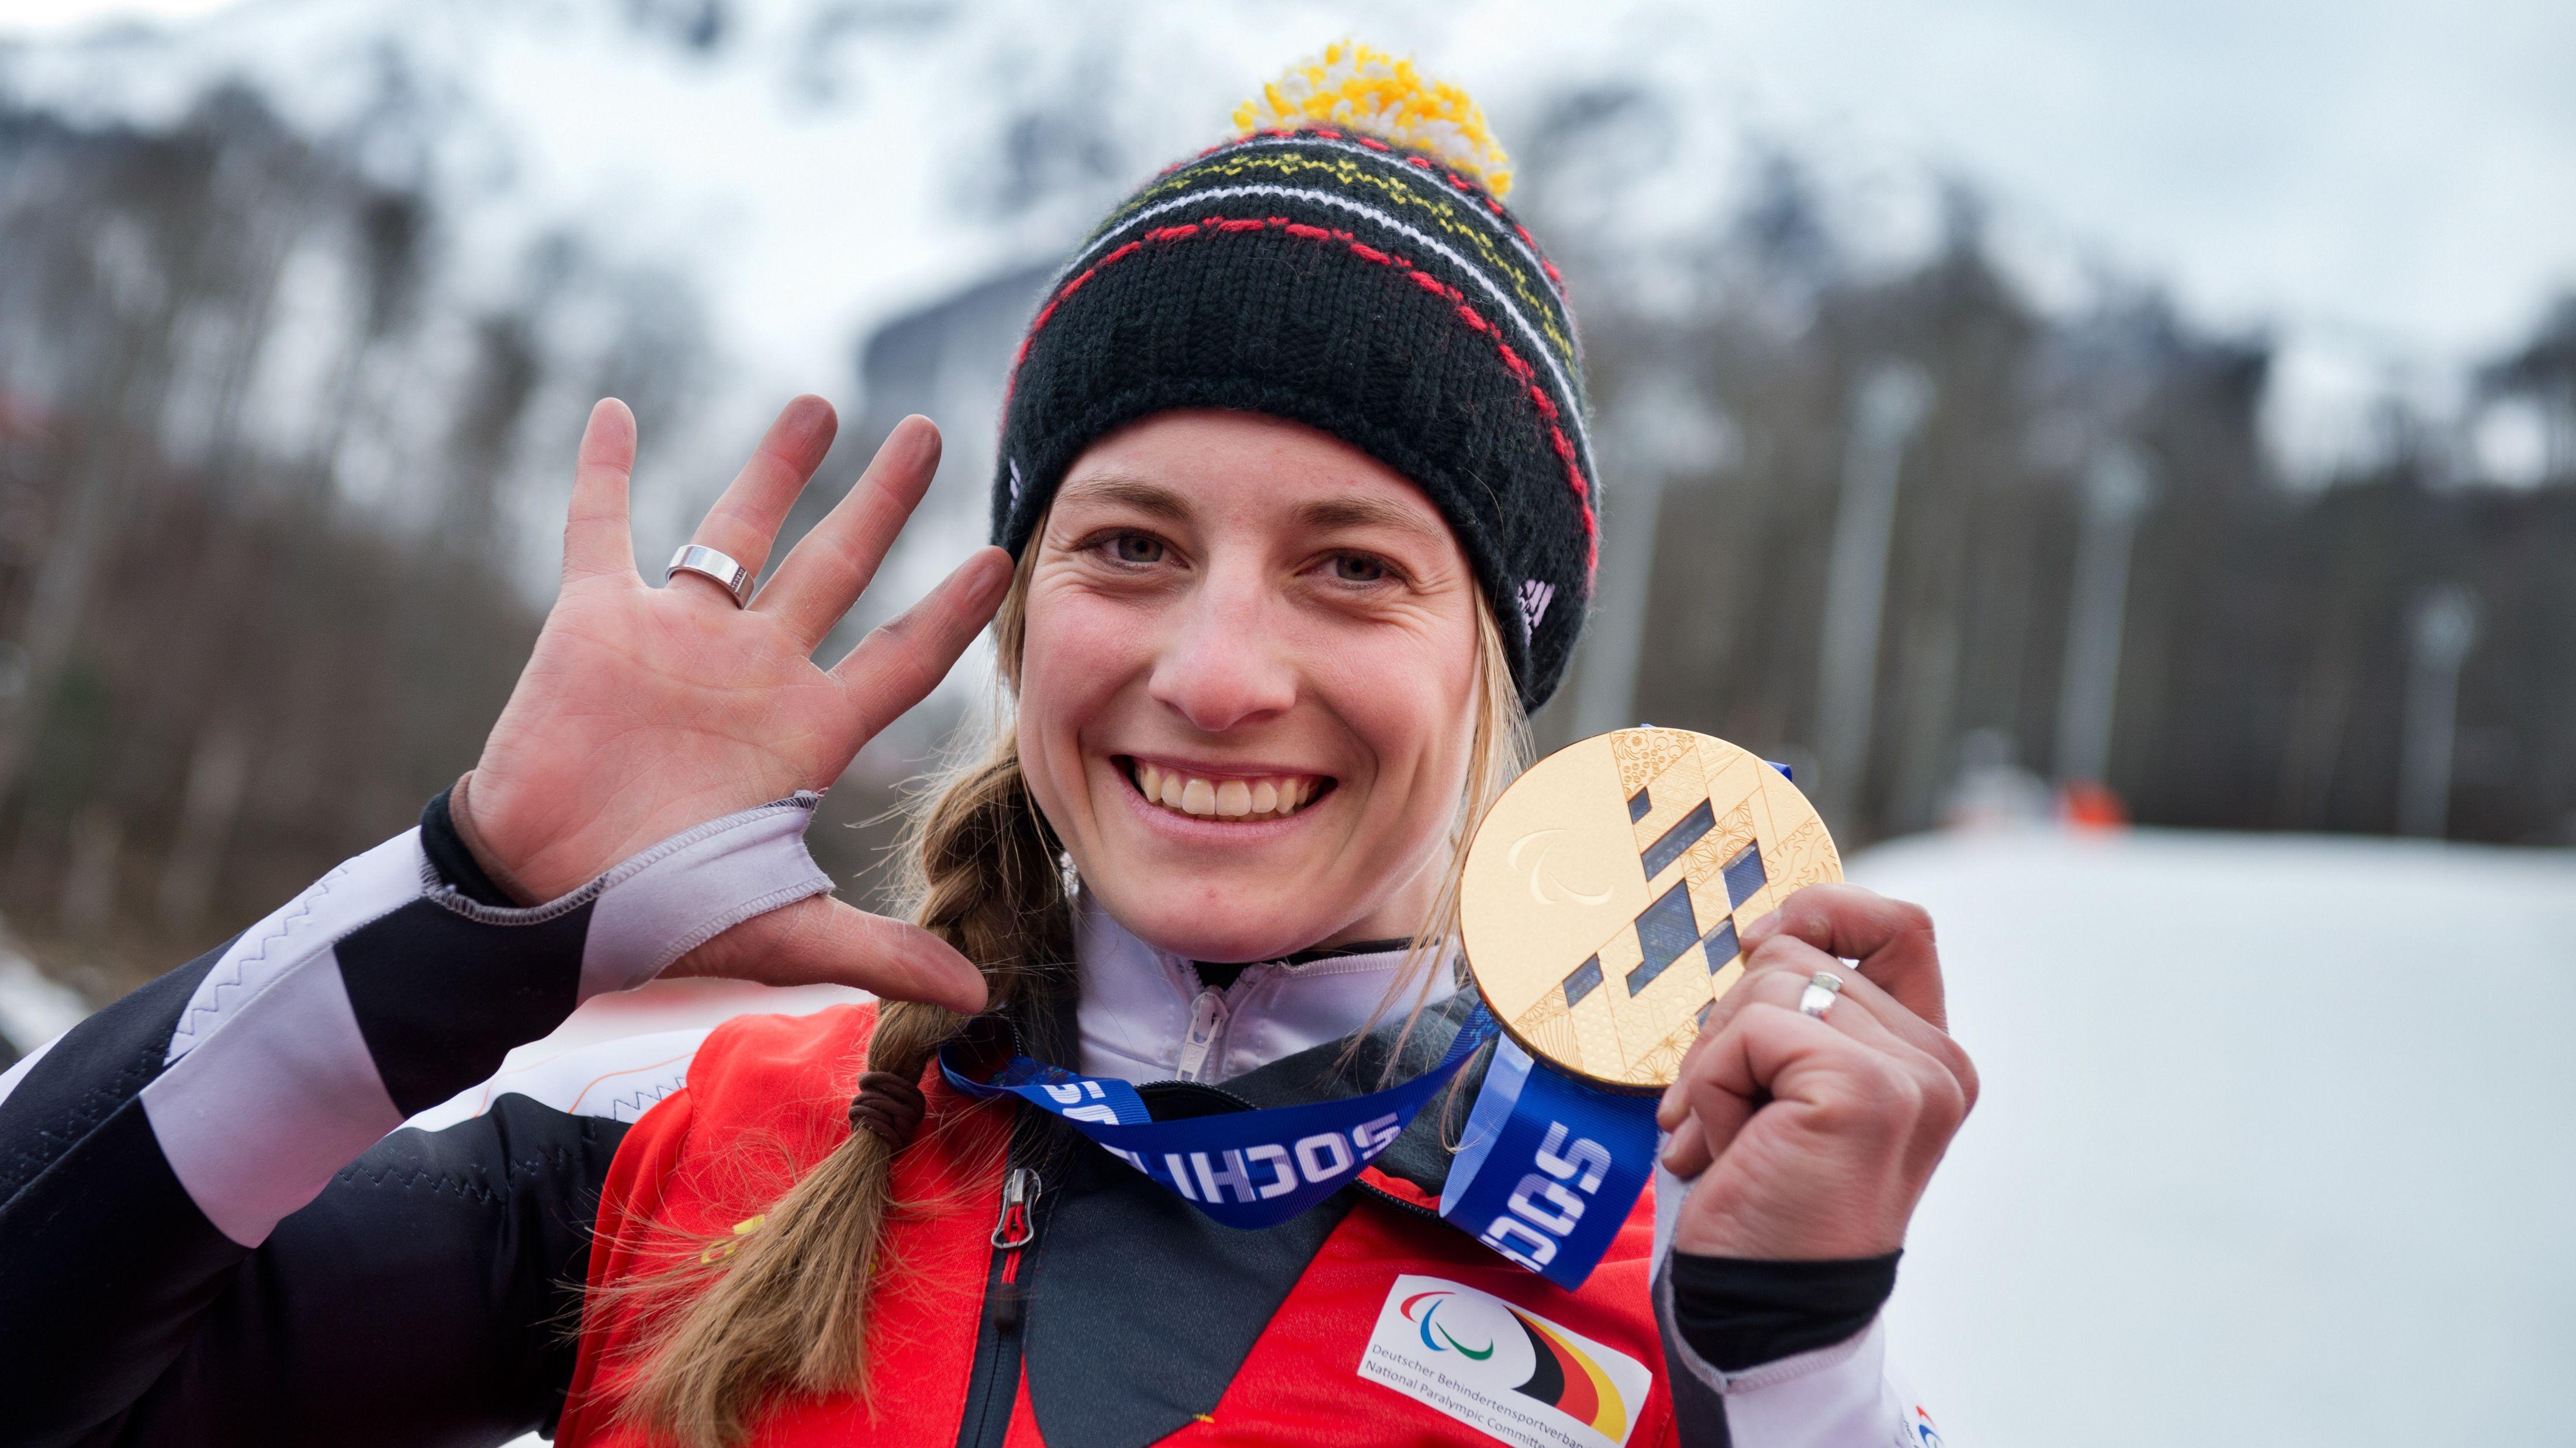 Paralympics-Siegerin Anna Schaffelhuber beendet ihre Karriere.